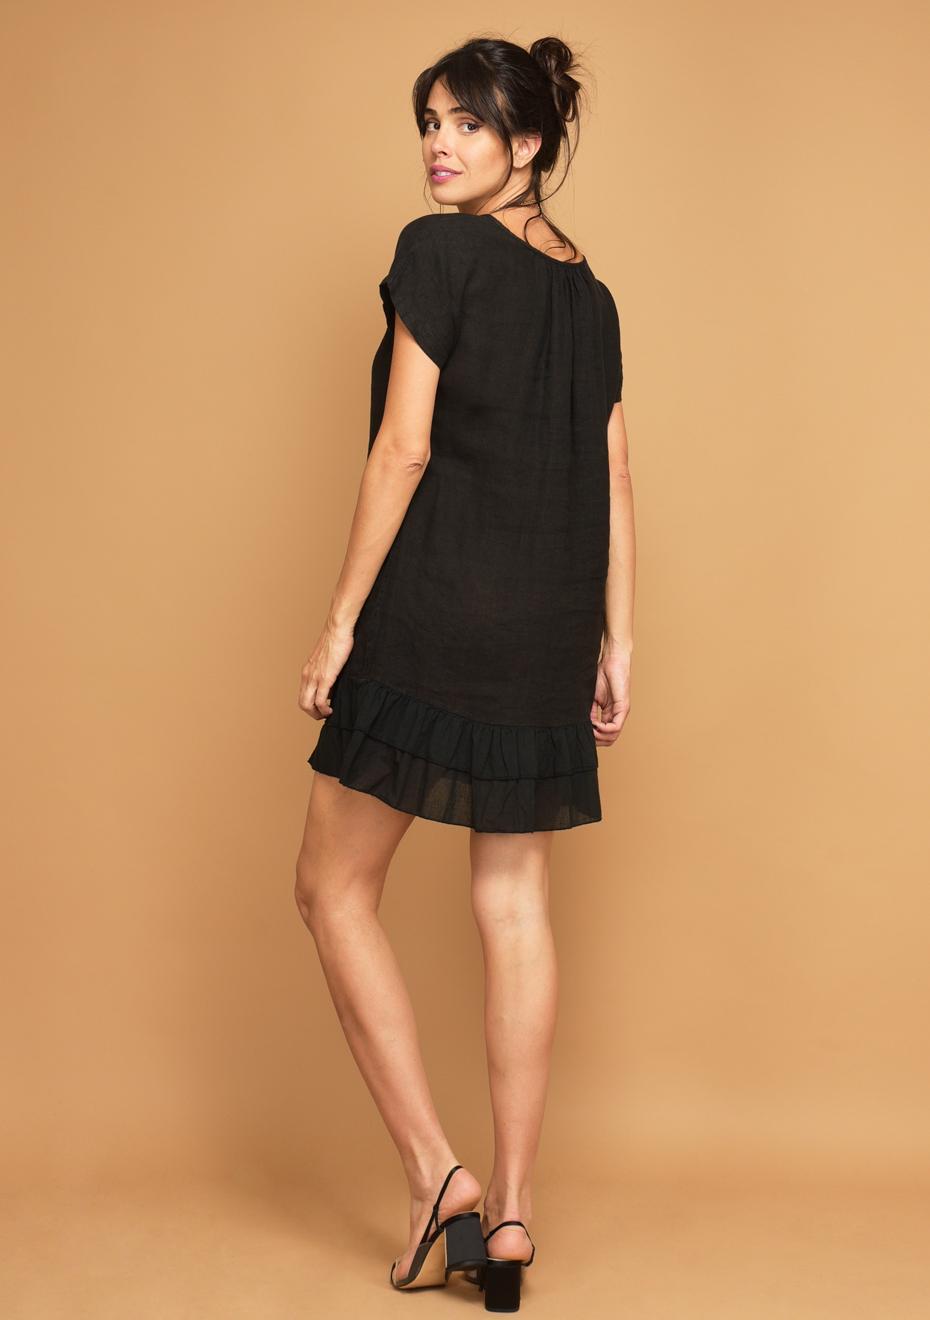 de negro descuentos La Laure Fabrique Más Onceit Luxe lino 100 Du Vestido Lin 4U4Xqx6wR